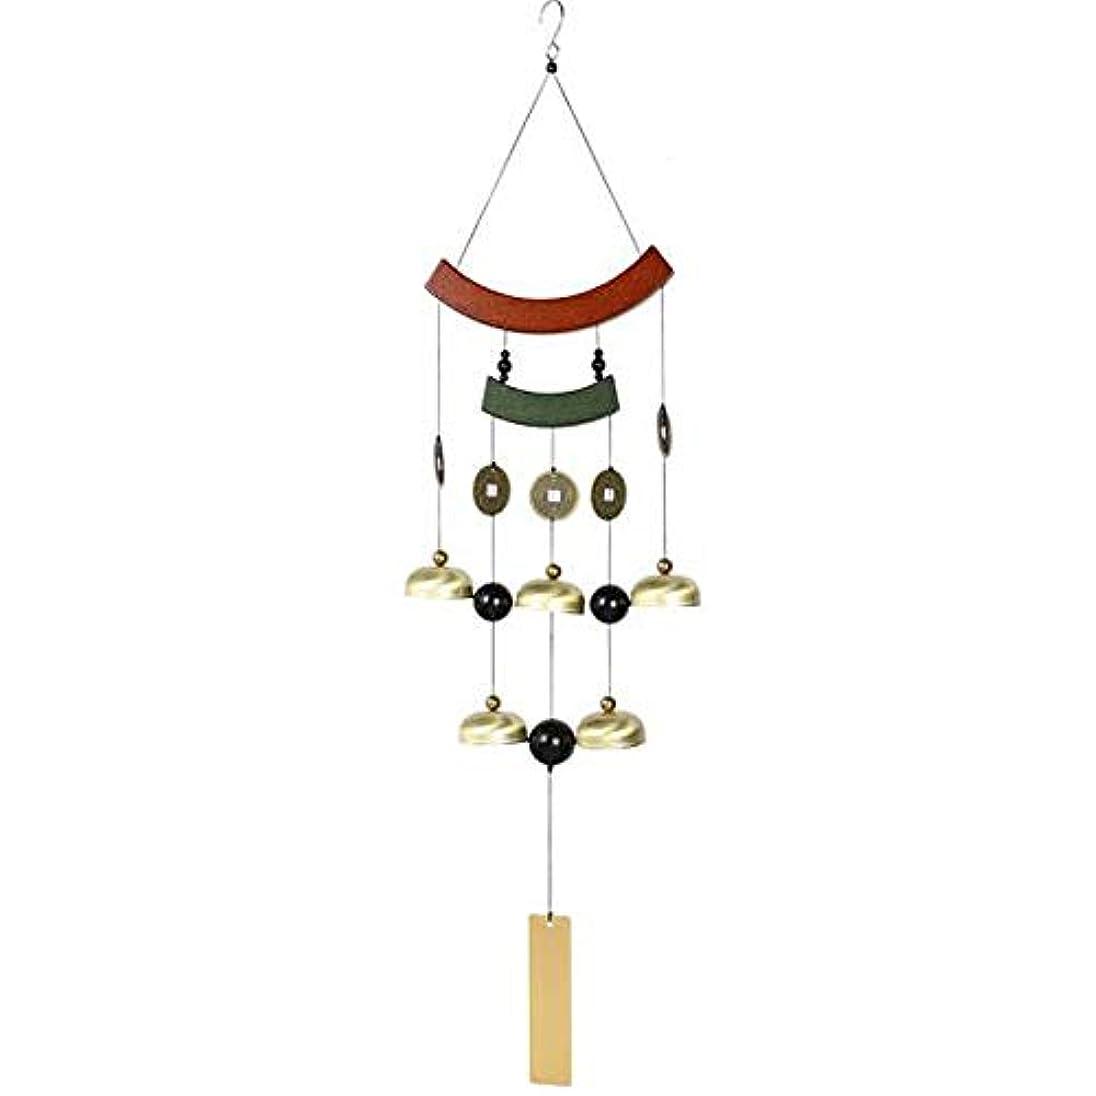 怠けたハチ手のひらQiyuezhuangshi 風チャイム、ホームレトロなメタル風チャイム、ゴールド、サイズ77CM,美しいホリデーギフト (Color : Gold)